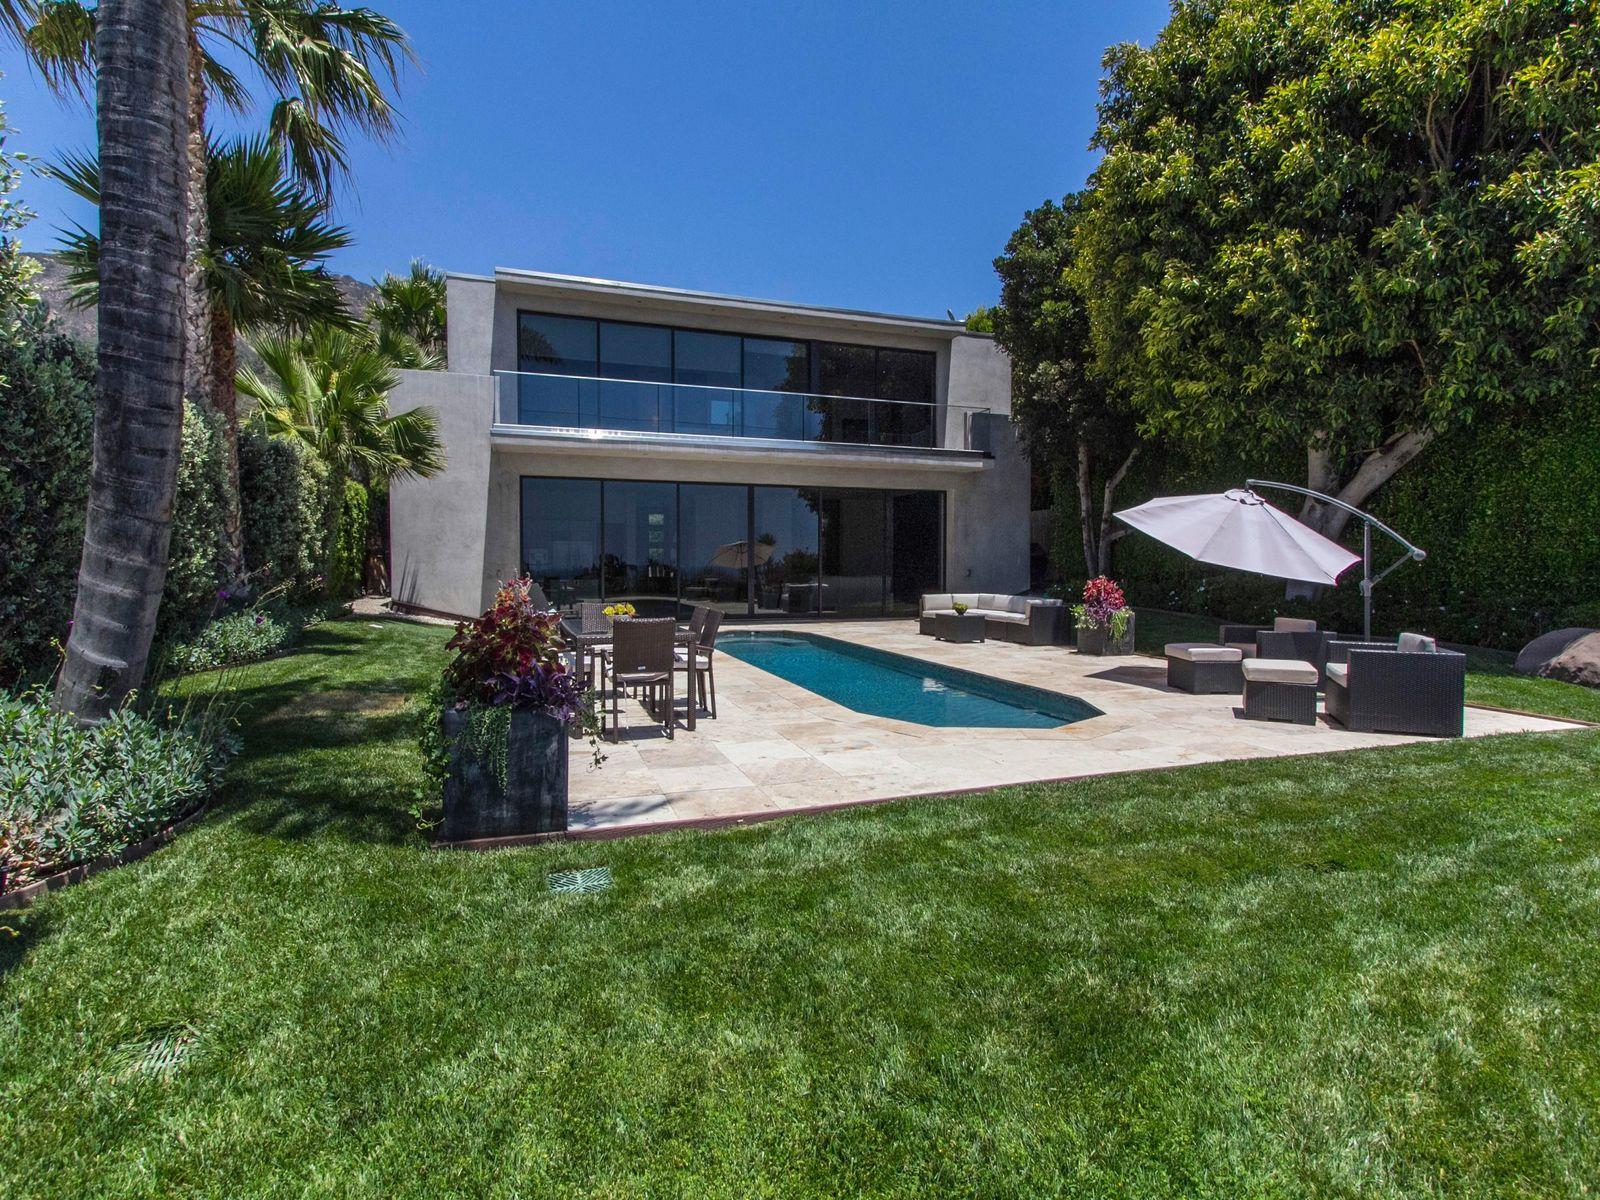 Incredible Contemporary Home